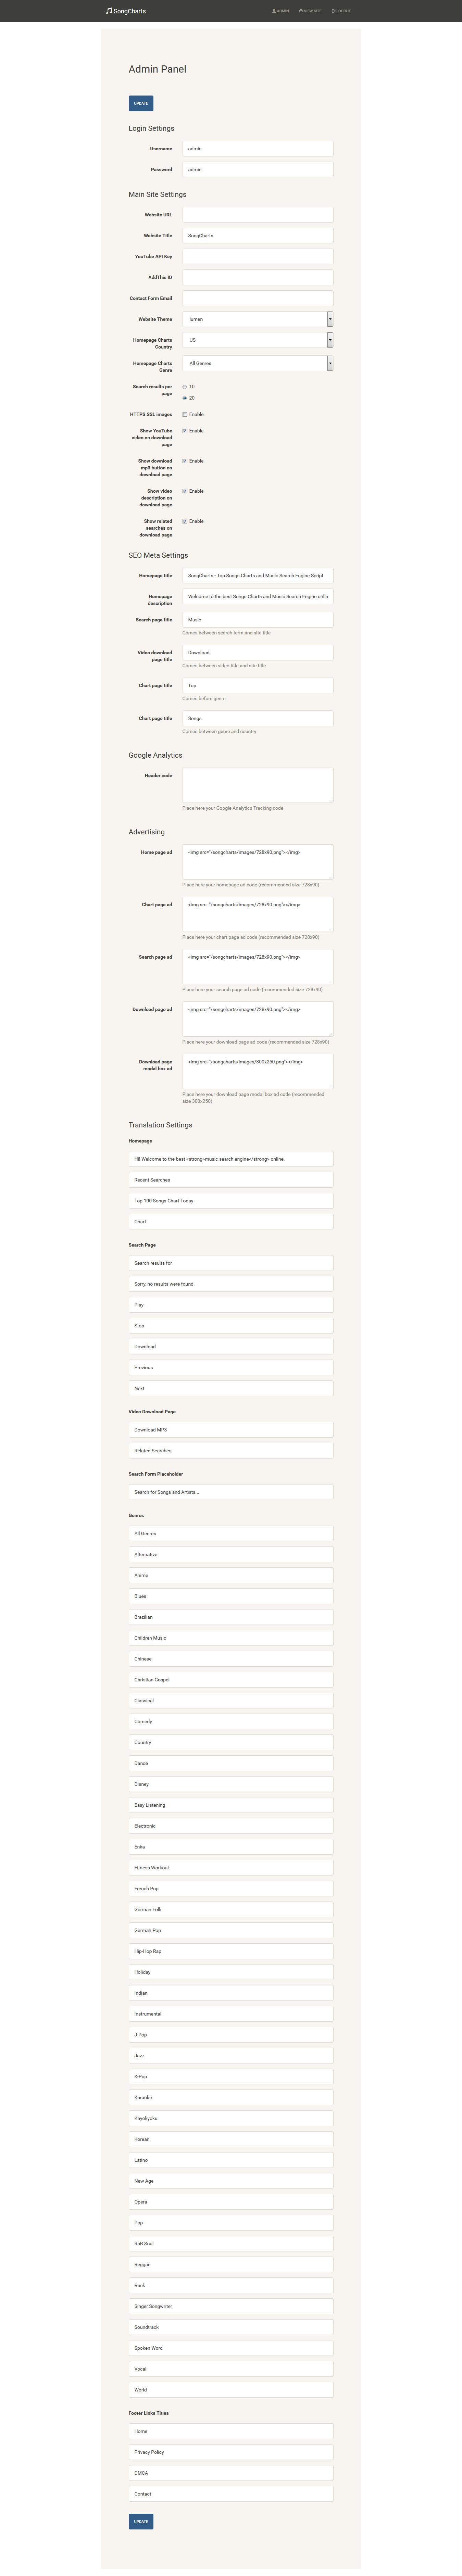 PHP自动索引音乐排行榜/音乐搜索下载引擎源码插图1